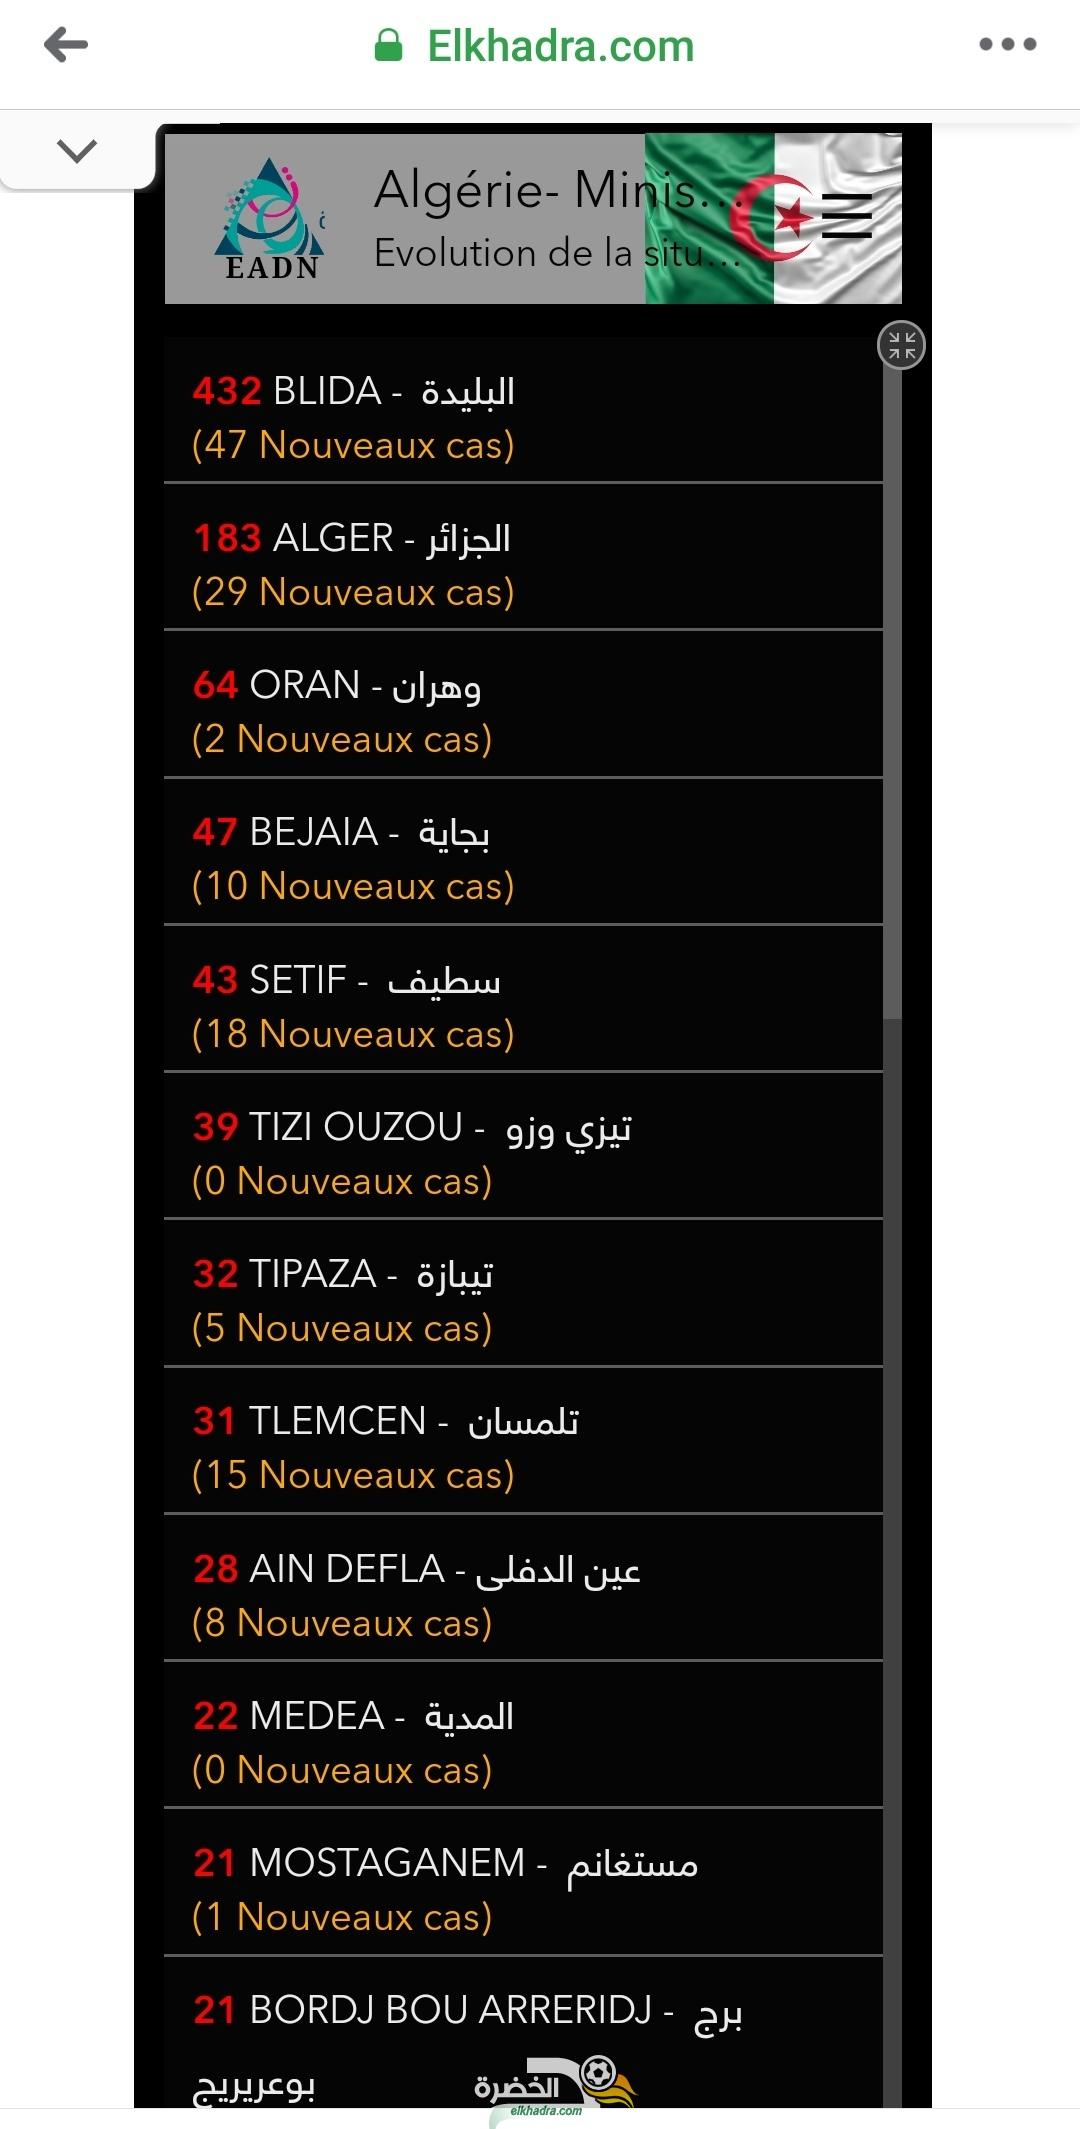 قائمة وحالات الاصابة بفيروس كورونا بالجزائر حسب الولايات اليوم الجمعة 3 افريل 2020 28